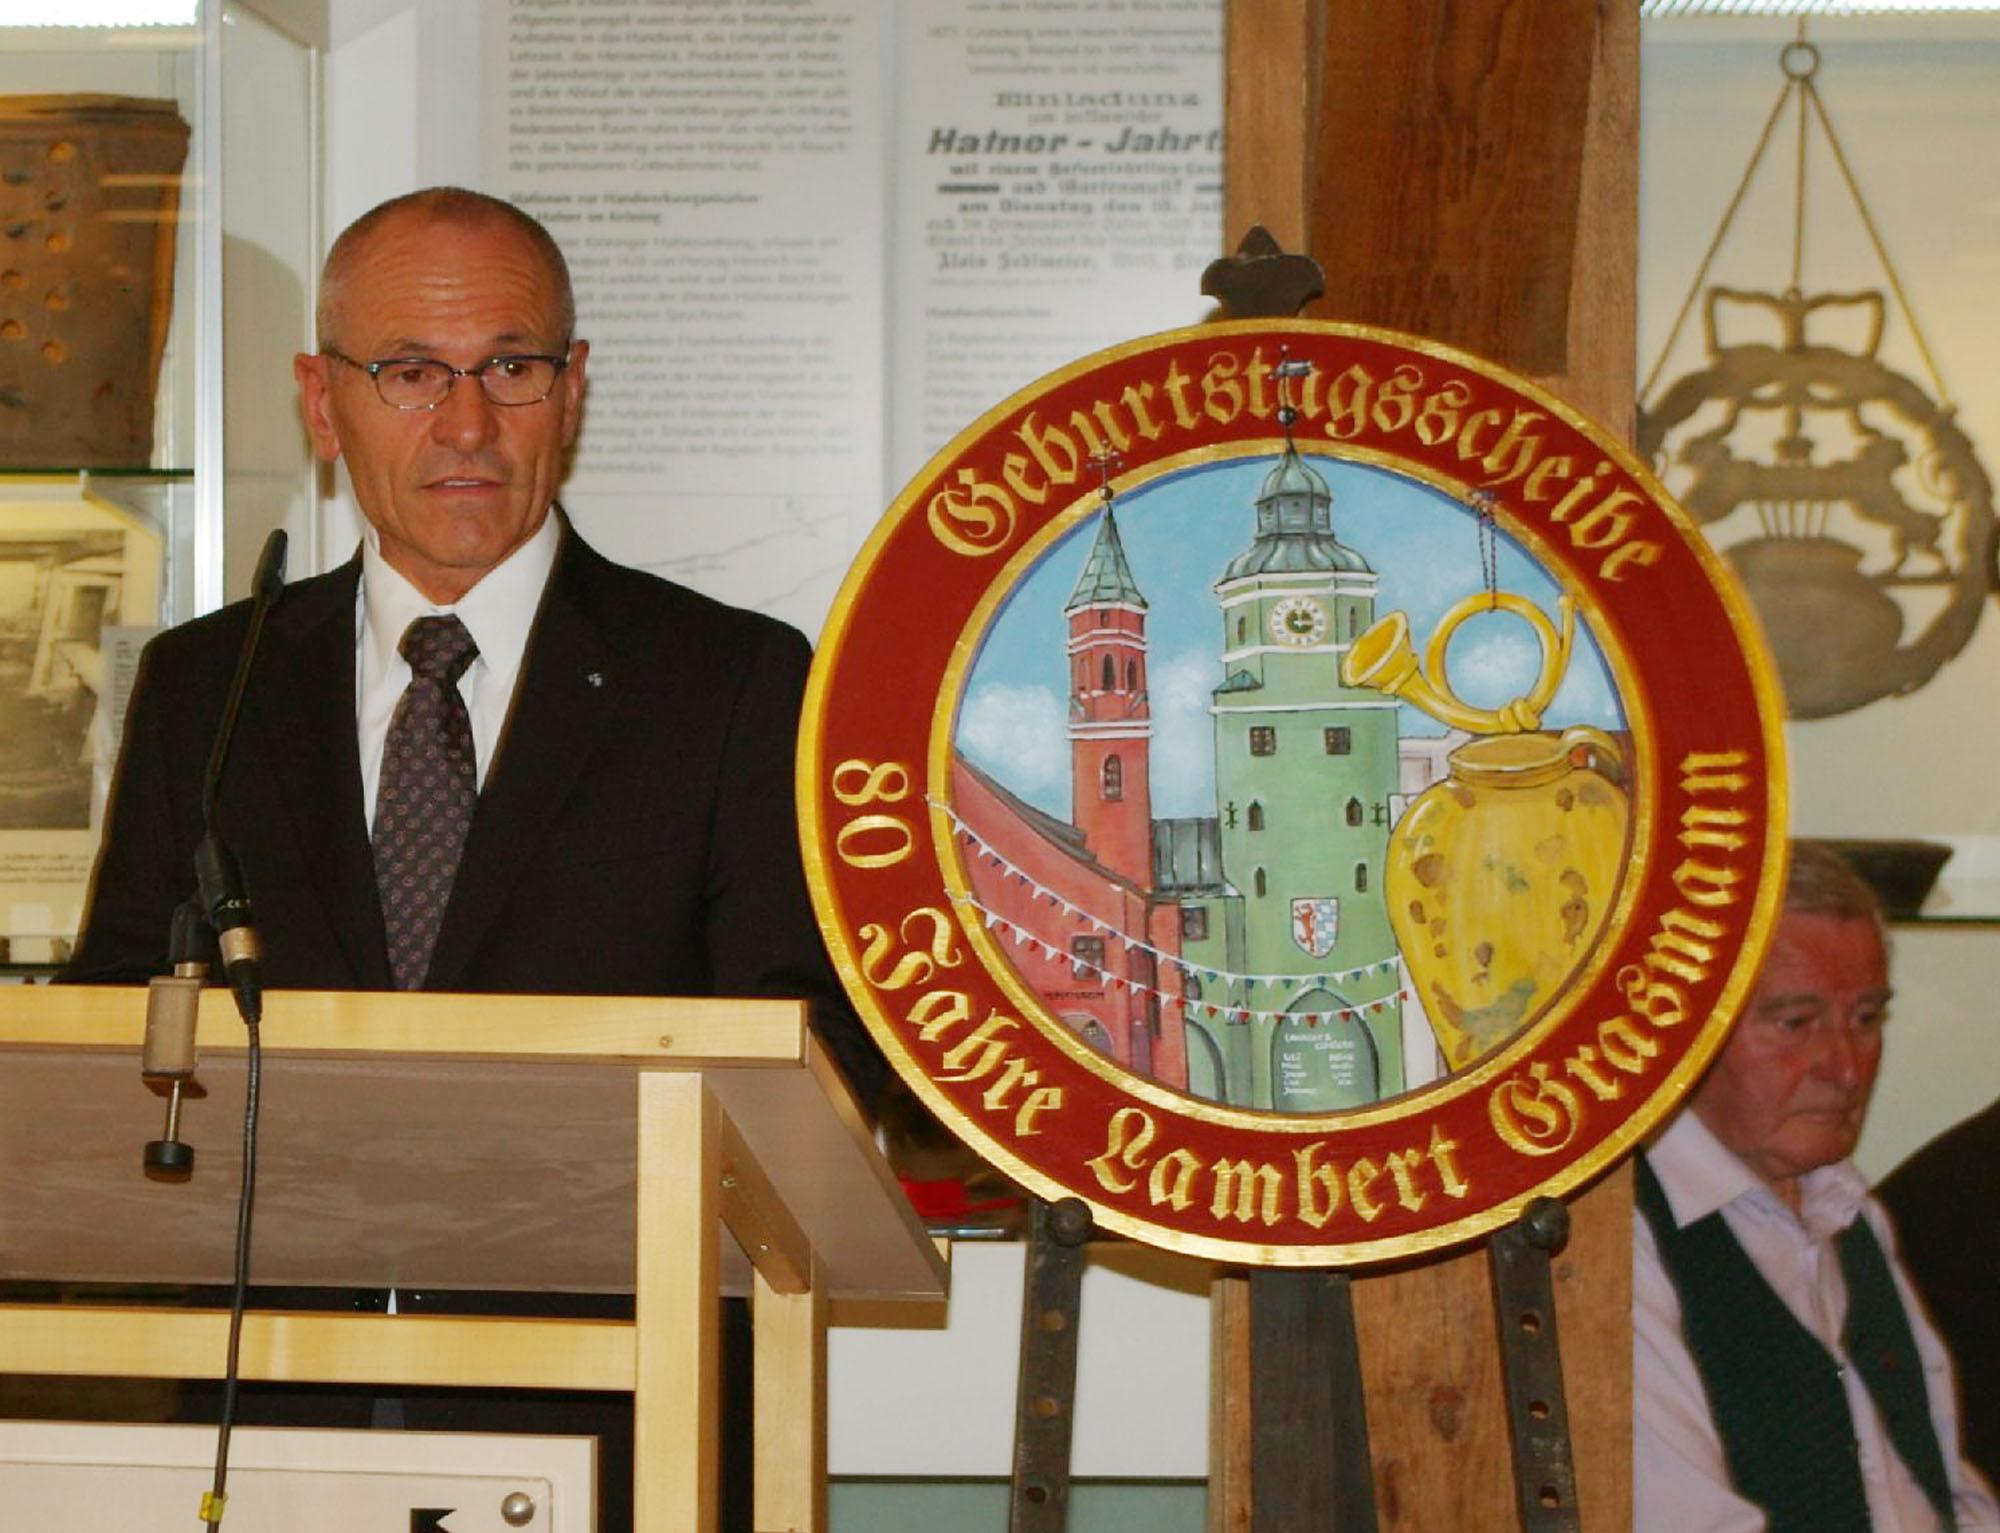 Mit einer ebenso persönlichen wie fachlich fundierten Laudatio würdigt Dr. Martin Ortmeier, der Leiter die Niederbayerischen Freilichtmuseen die Verdienste der Jubilare.